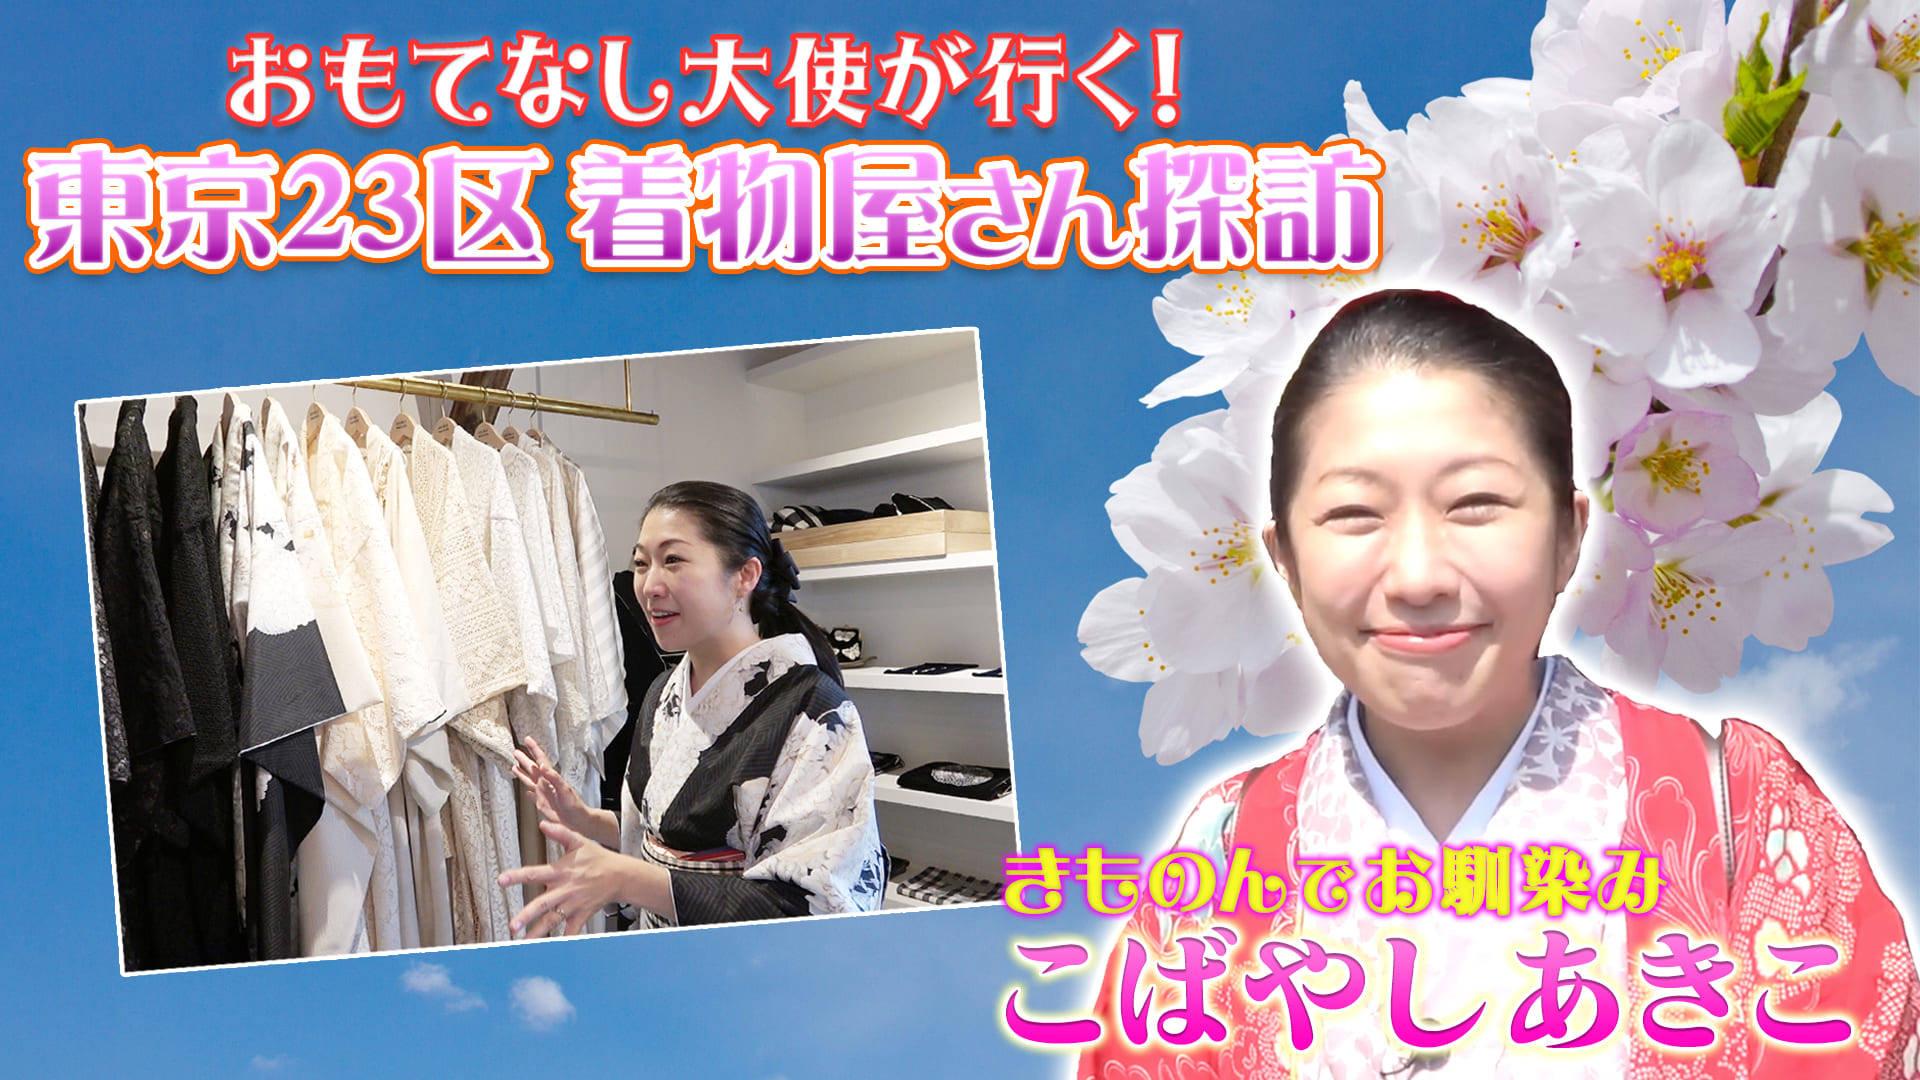 おもてなし大使が行く!東京23区着物屋さん探訪!